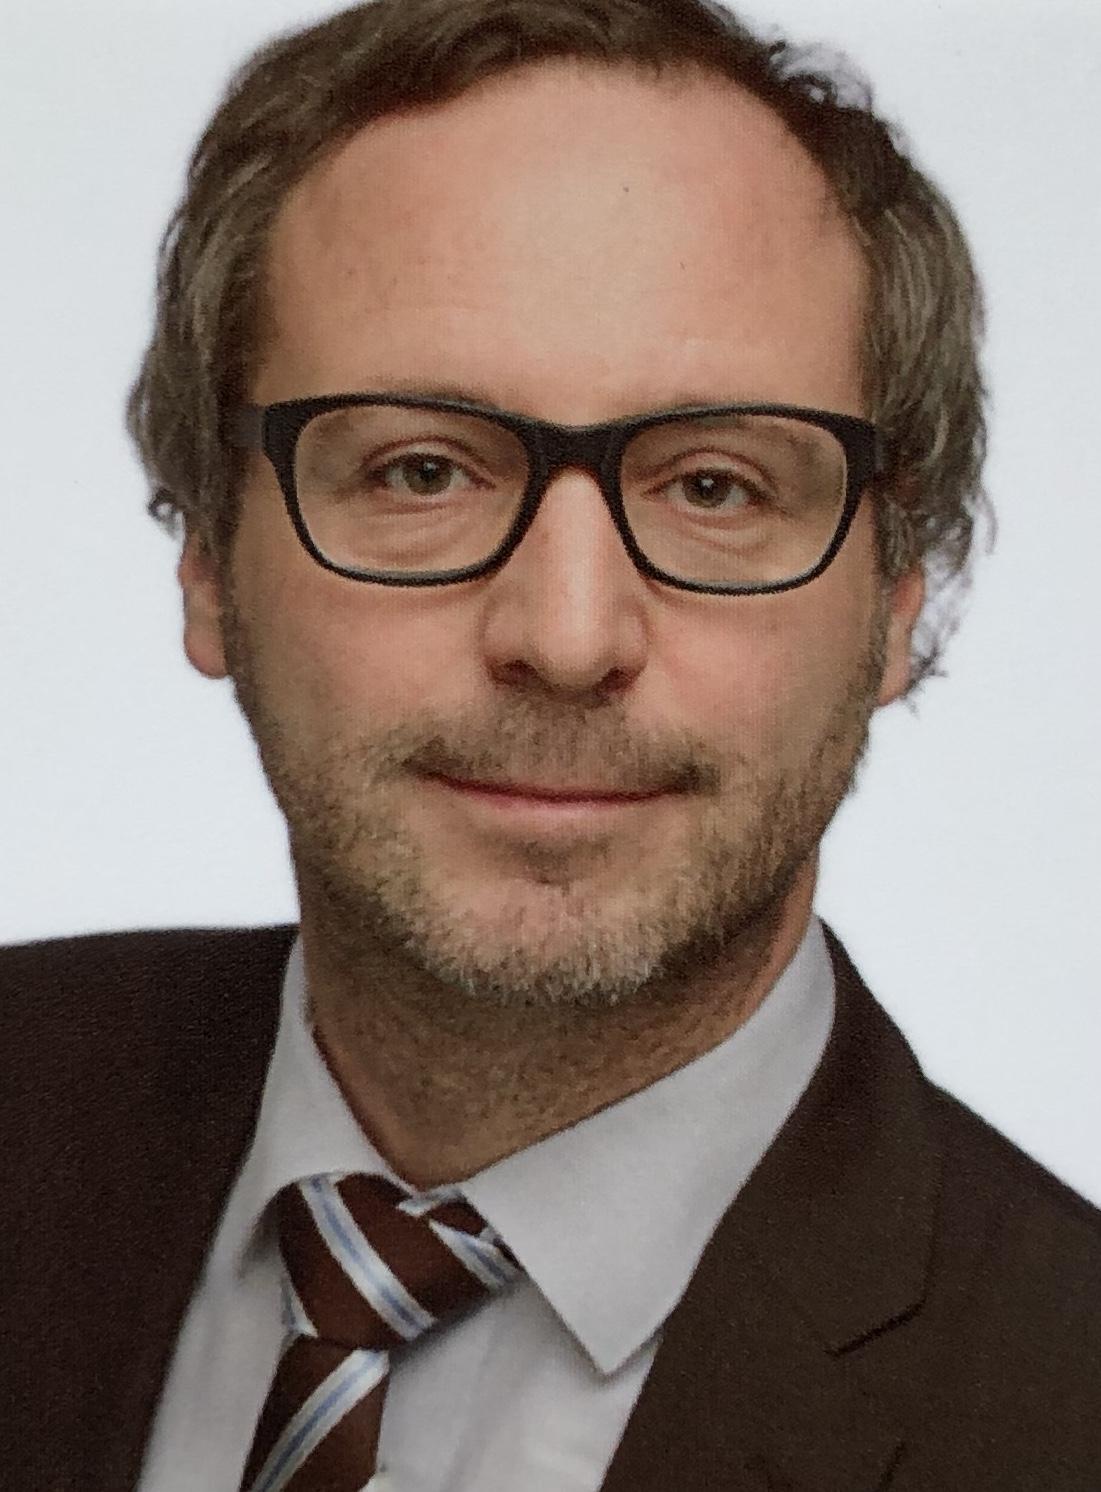 Portait: Prof Dr. Markus hertwig, Leiter des Instituts für Soziologie Chemnitz